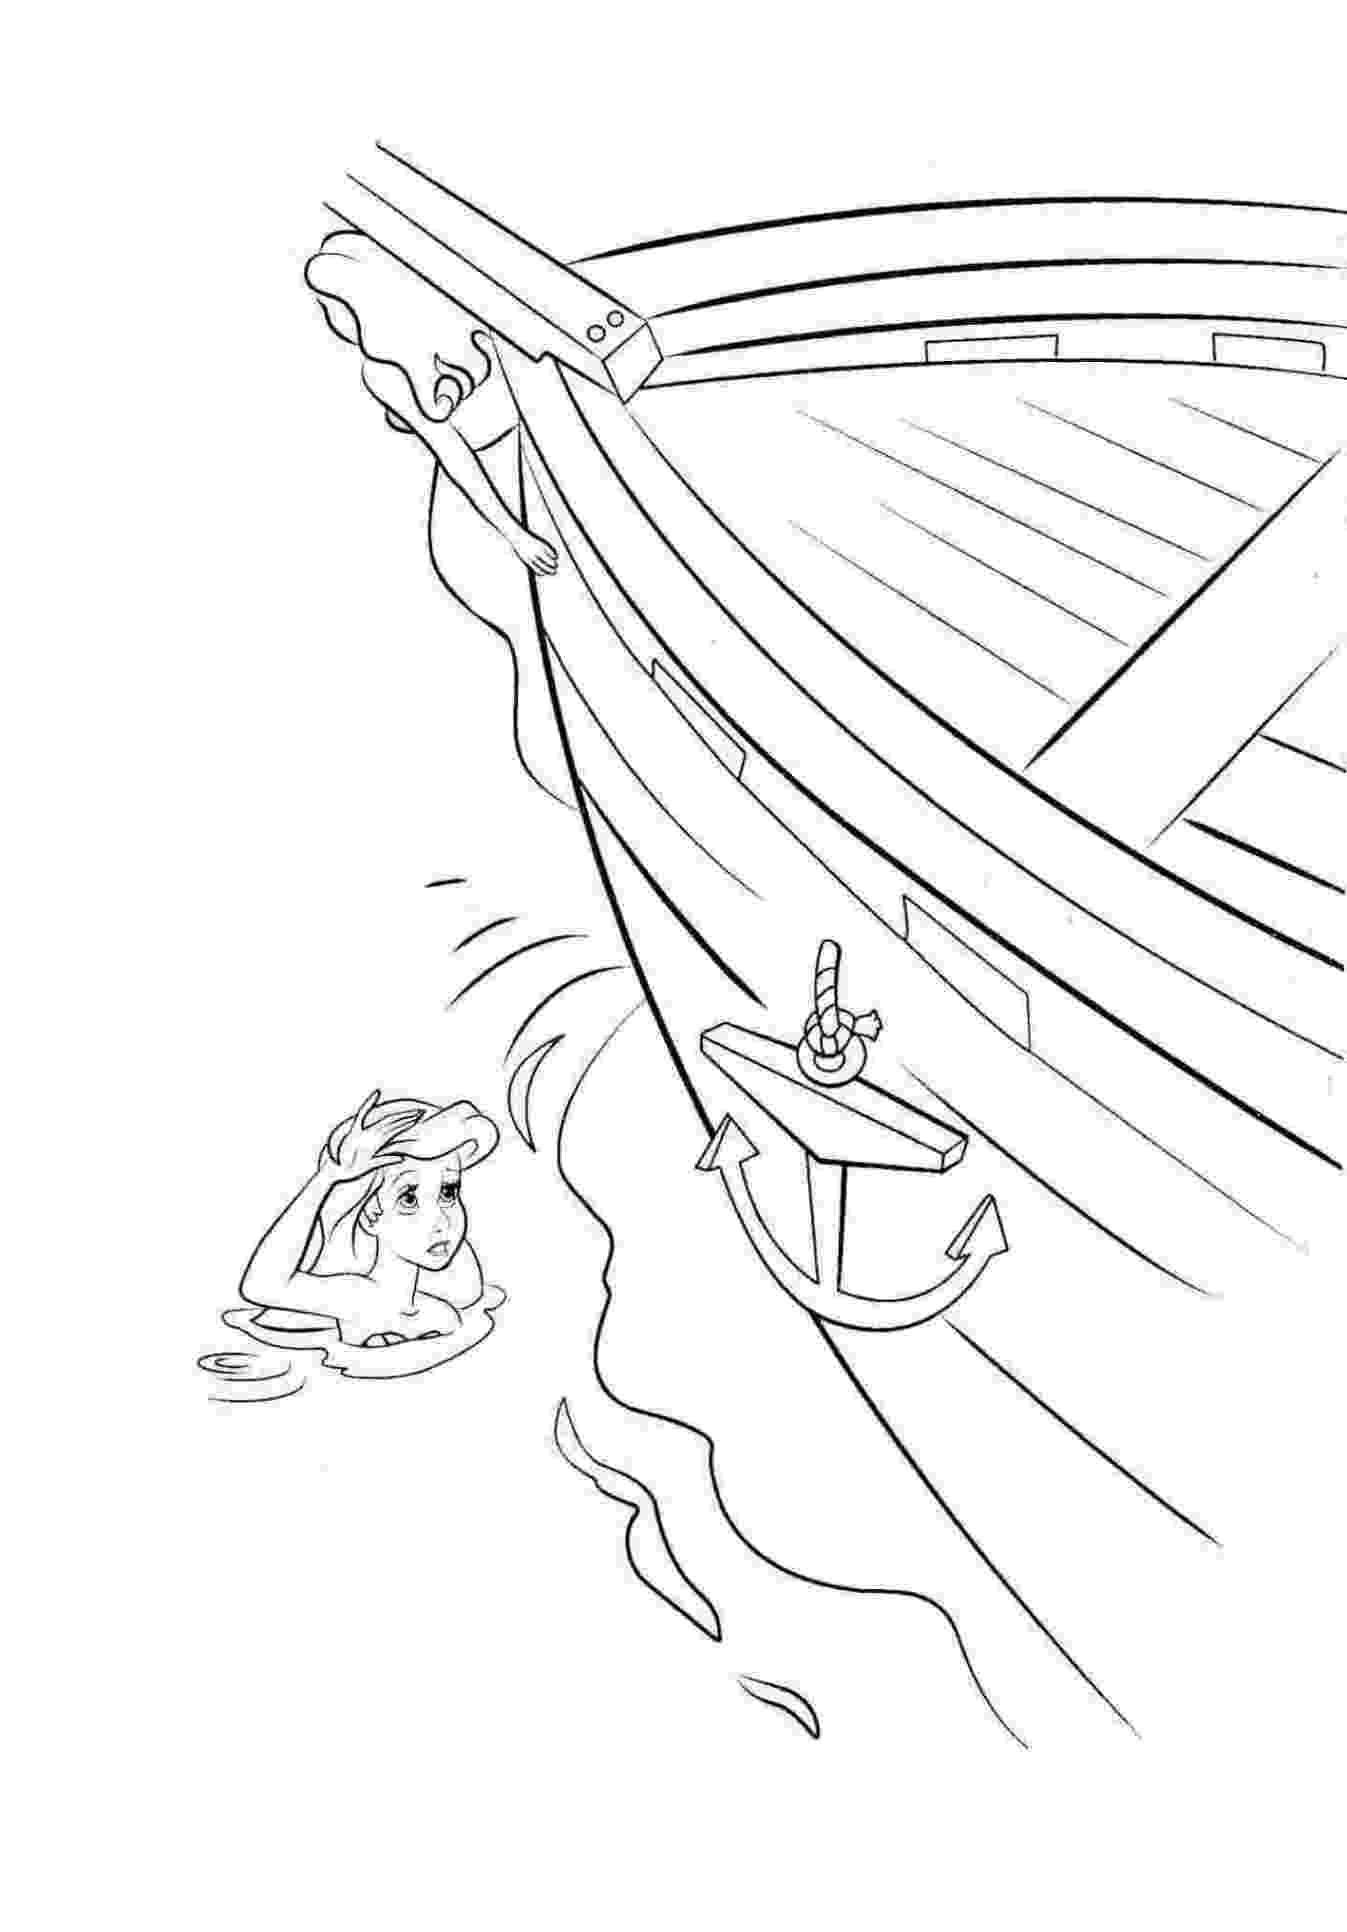 Ausmalbilder H2o Plötzlich Meerjungfrau Zum Ausdrucken Neu Ausmalbilder Meerjungfrau Arielle Ausmalbilder Webpage Bild